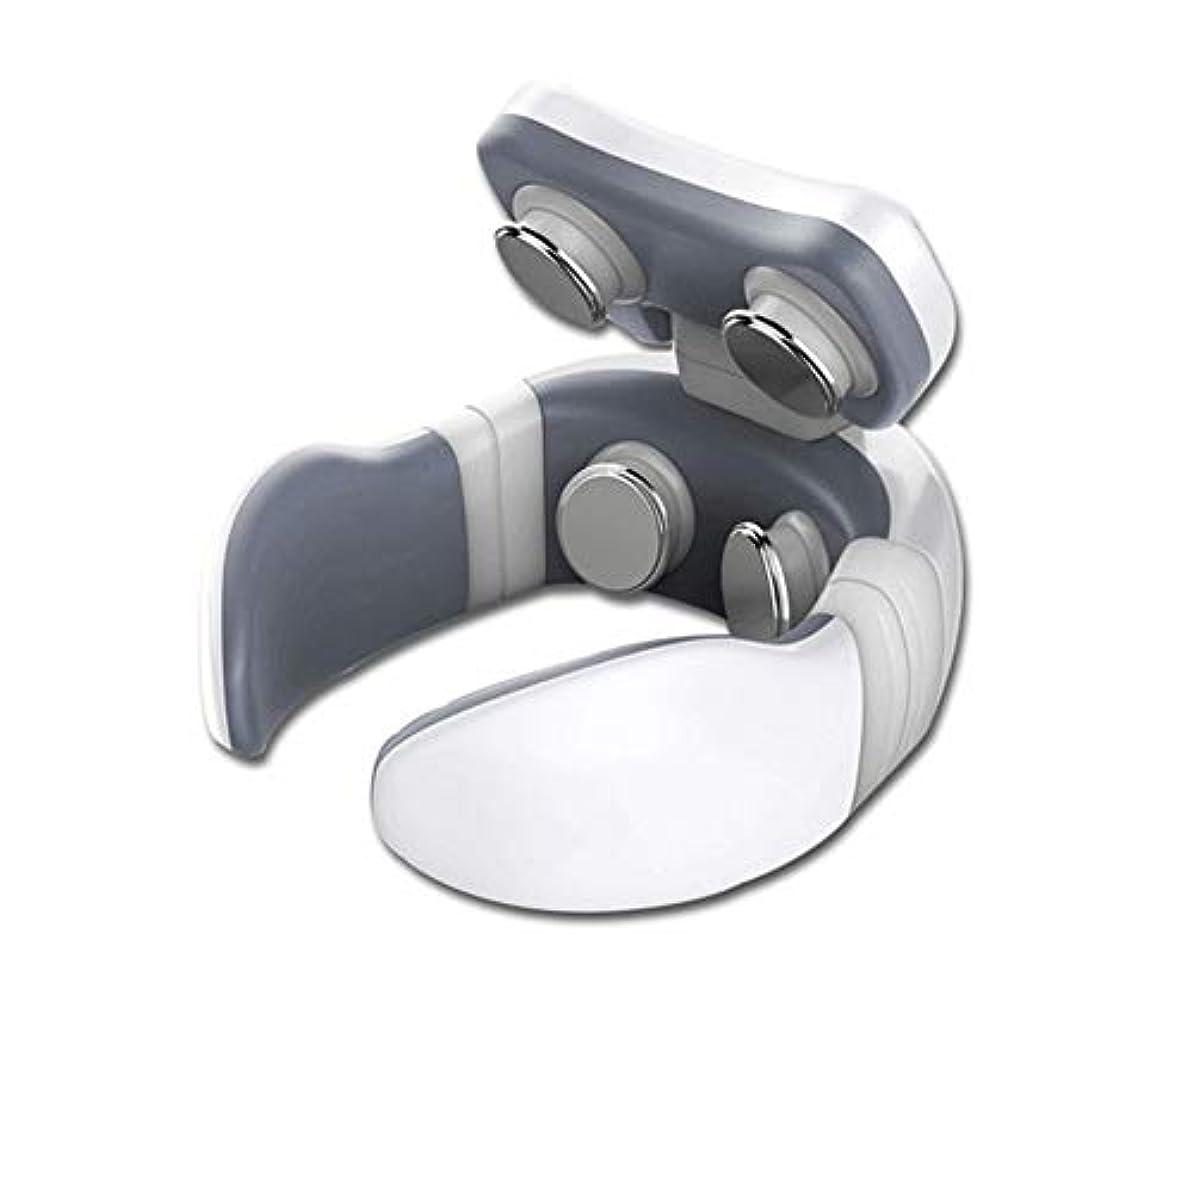 見物人ポジティブ海外ネックマッサージネック保護器4パルスマウント健康的なことで、インテリジェント頚椎首と肩のマッサージ,白